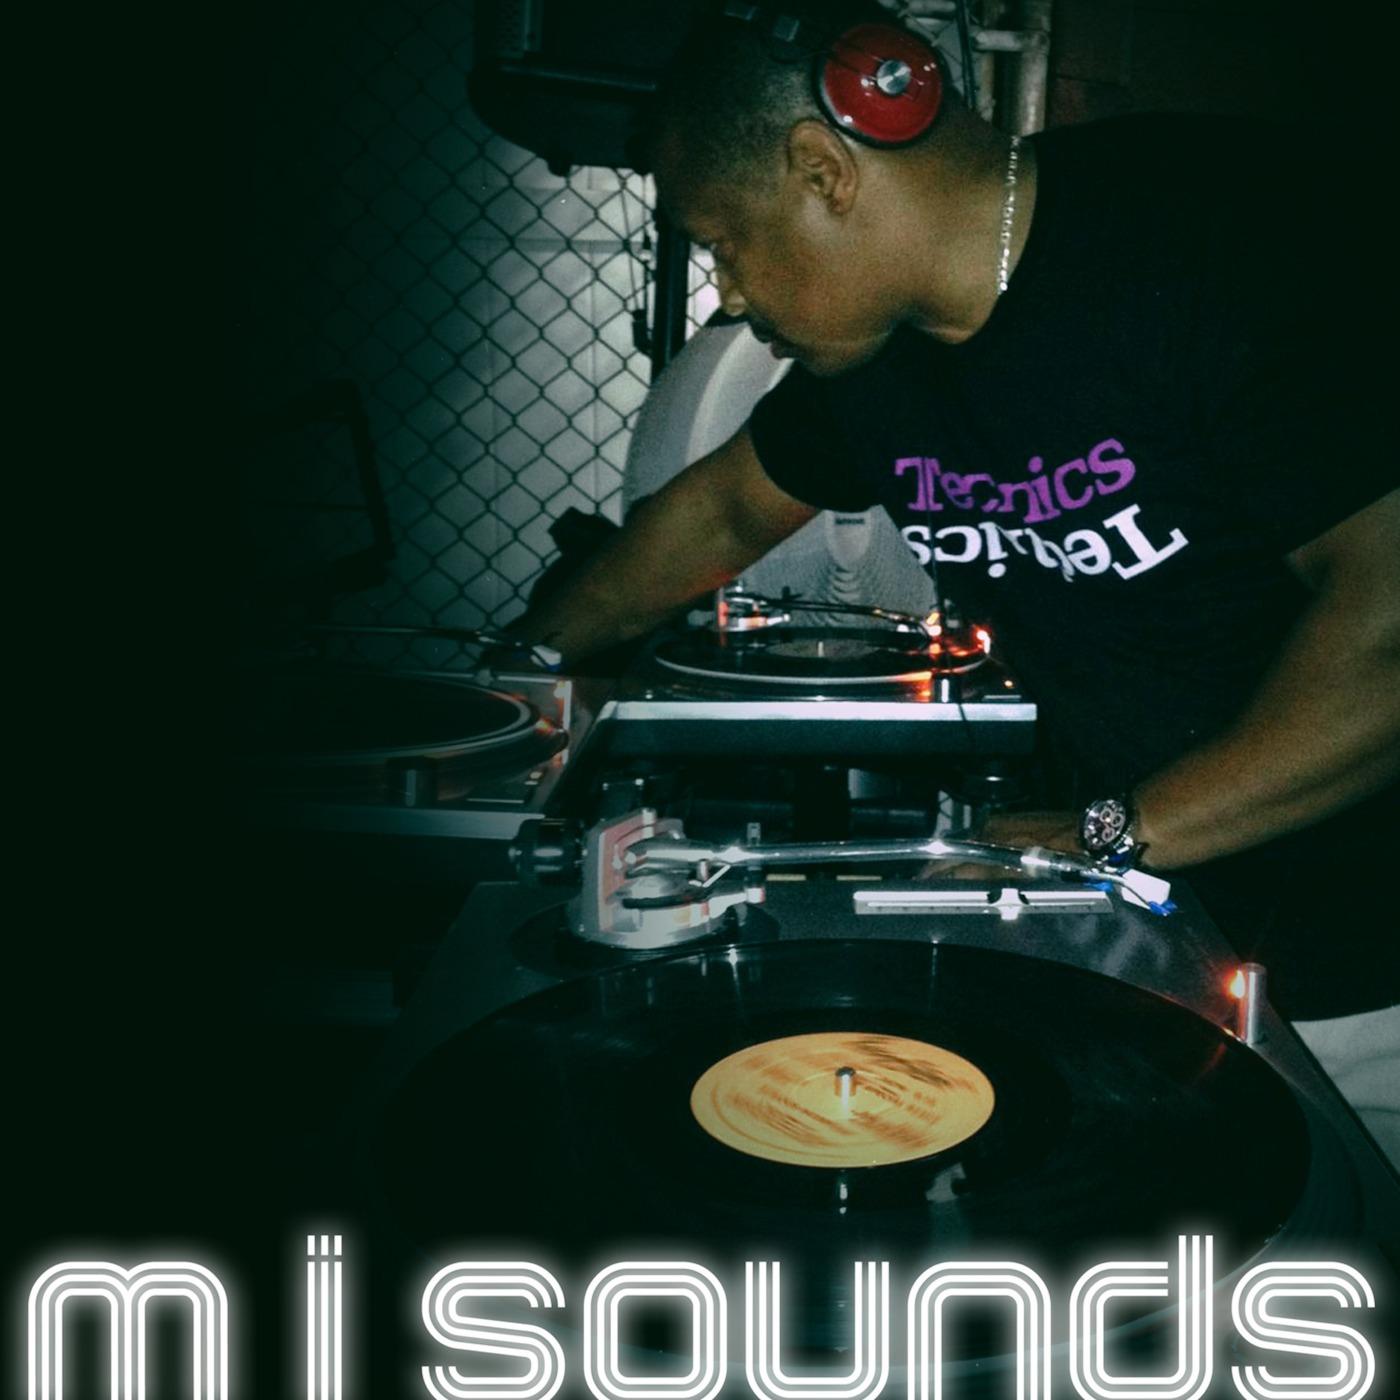 M I Sounds' Podcast